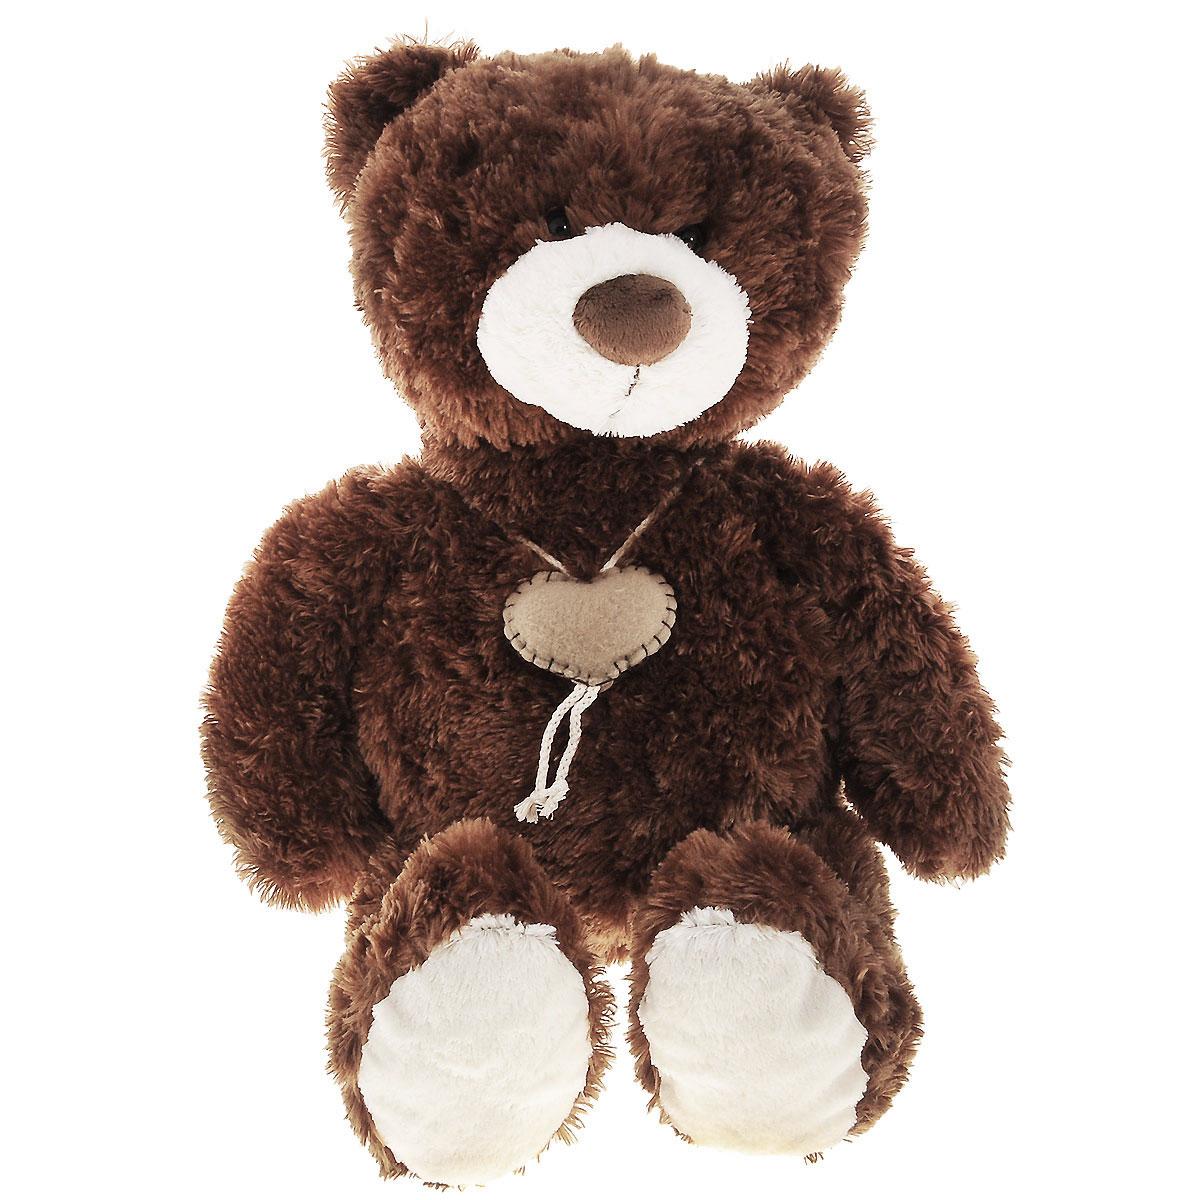 Мягкая игрушка Plush Apple Медведь с сердцем, 70 см мягкая игрушка plush apple собака с шарфом 28 см